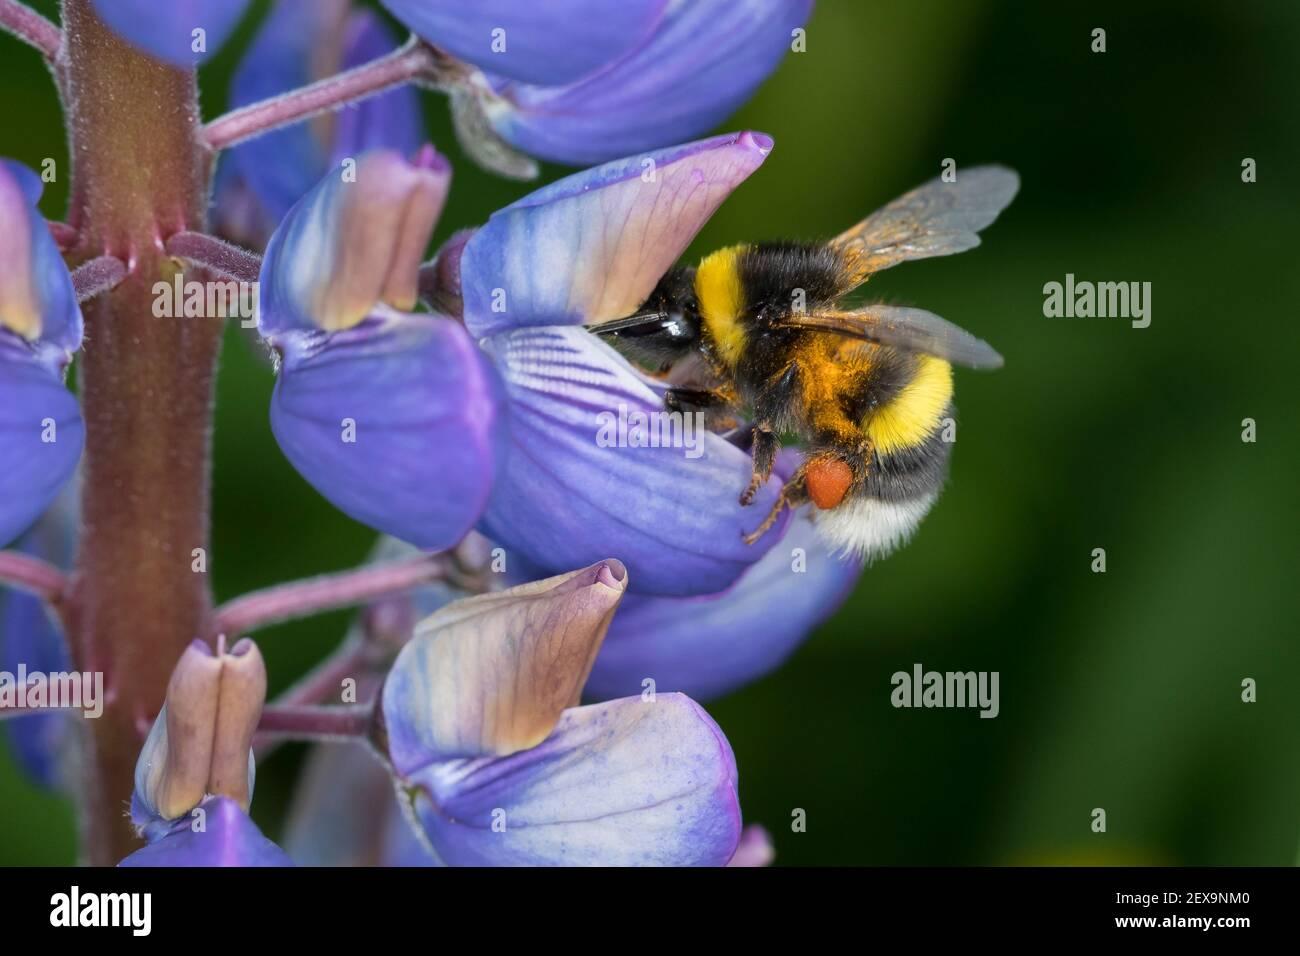 Erdhummel, ERD-Hummel, Weibchen, Blütenbesuch an Lupin, mit Pollenhöschen, Bombus SPEC., Bombus, abejorros Foto de stock